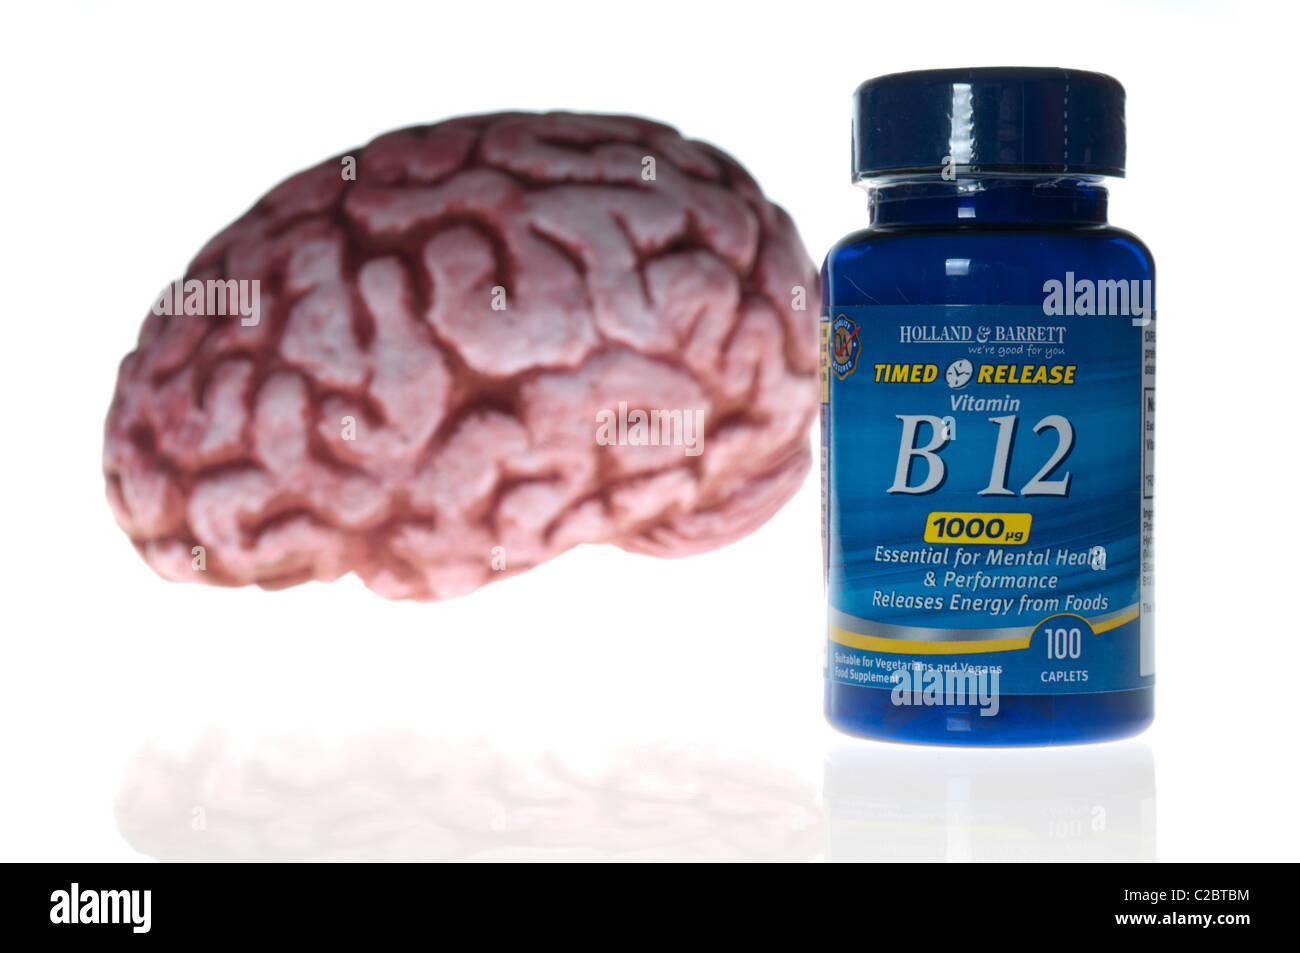 Botella de tabletas de vitamina B-12, 1000mg (1000 GDA) junto con un modelo de cerebro Imagen De Stock